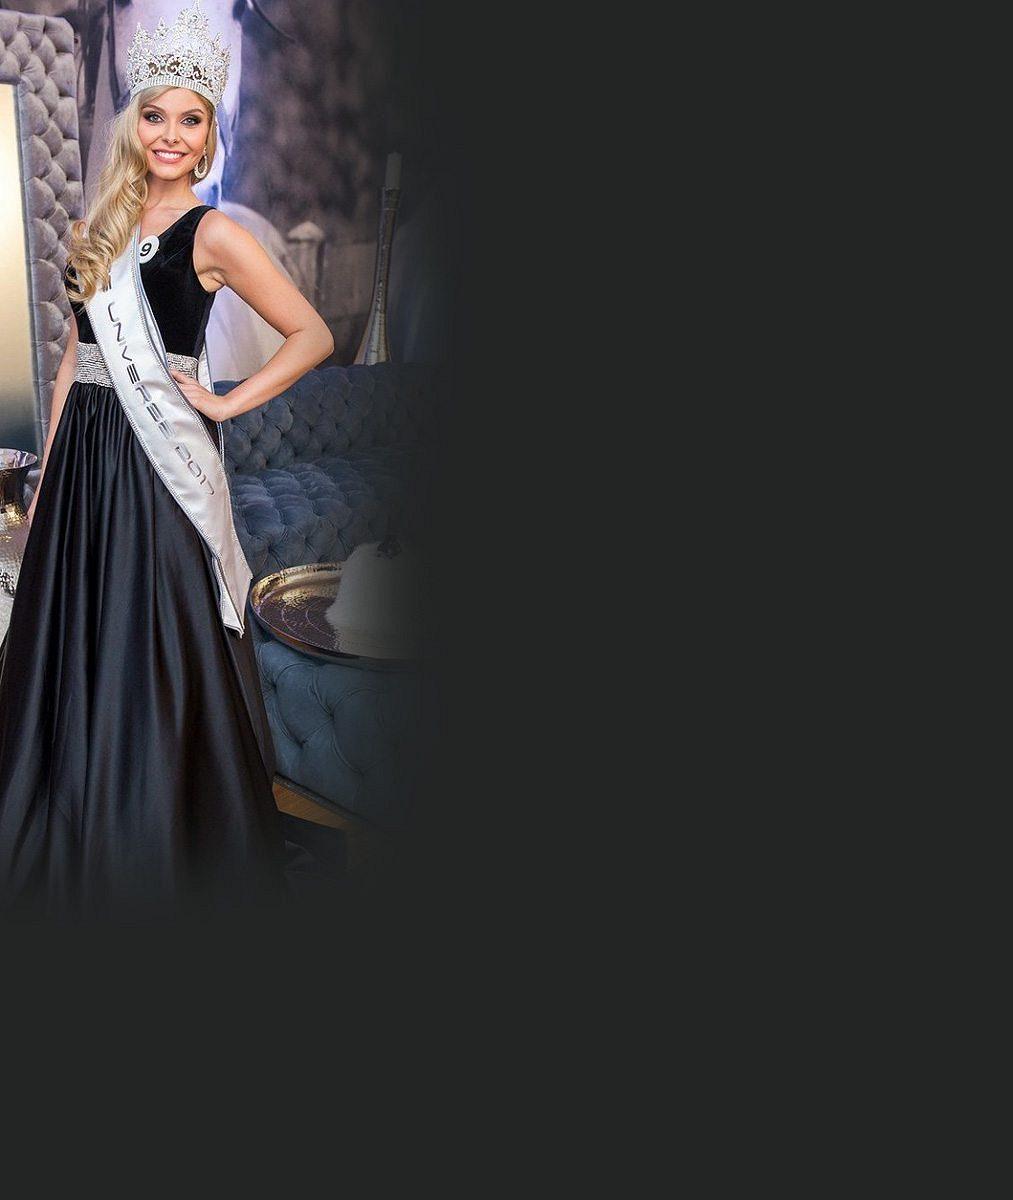 Slovenskou královnou krásy se stala tato blondýnka: Její silnou disciplínou byla promenáda v plavkách